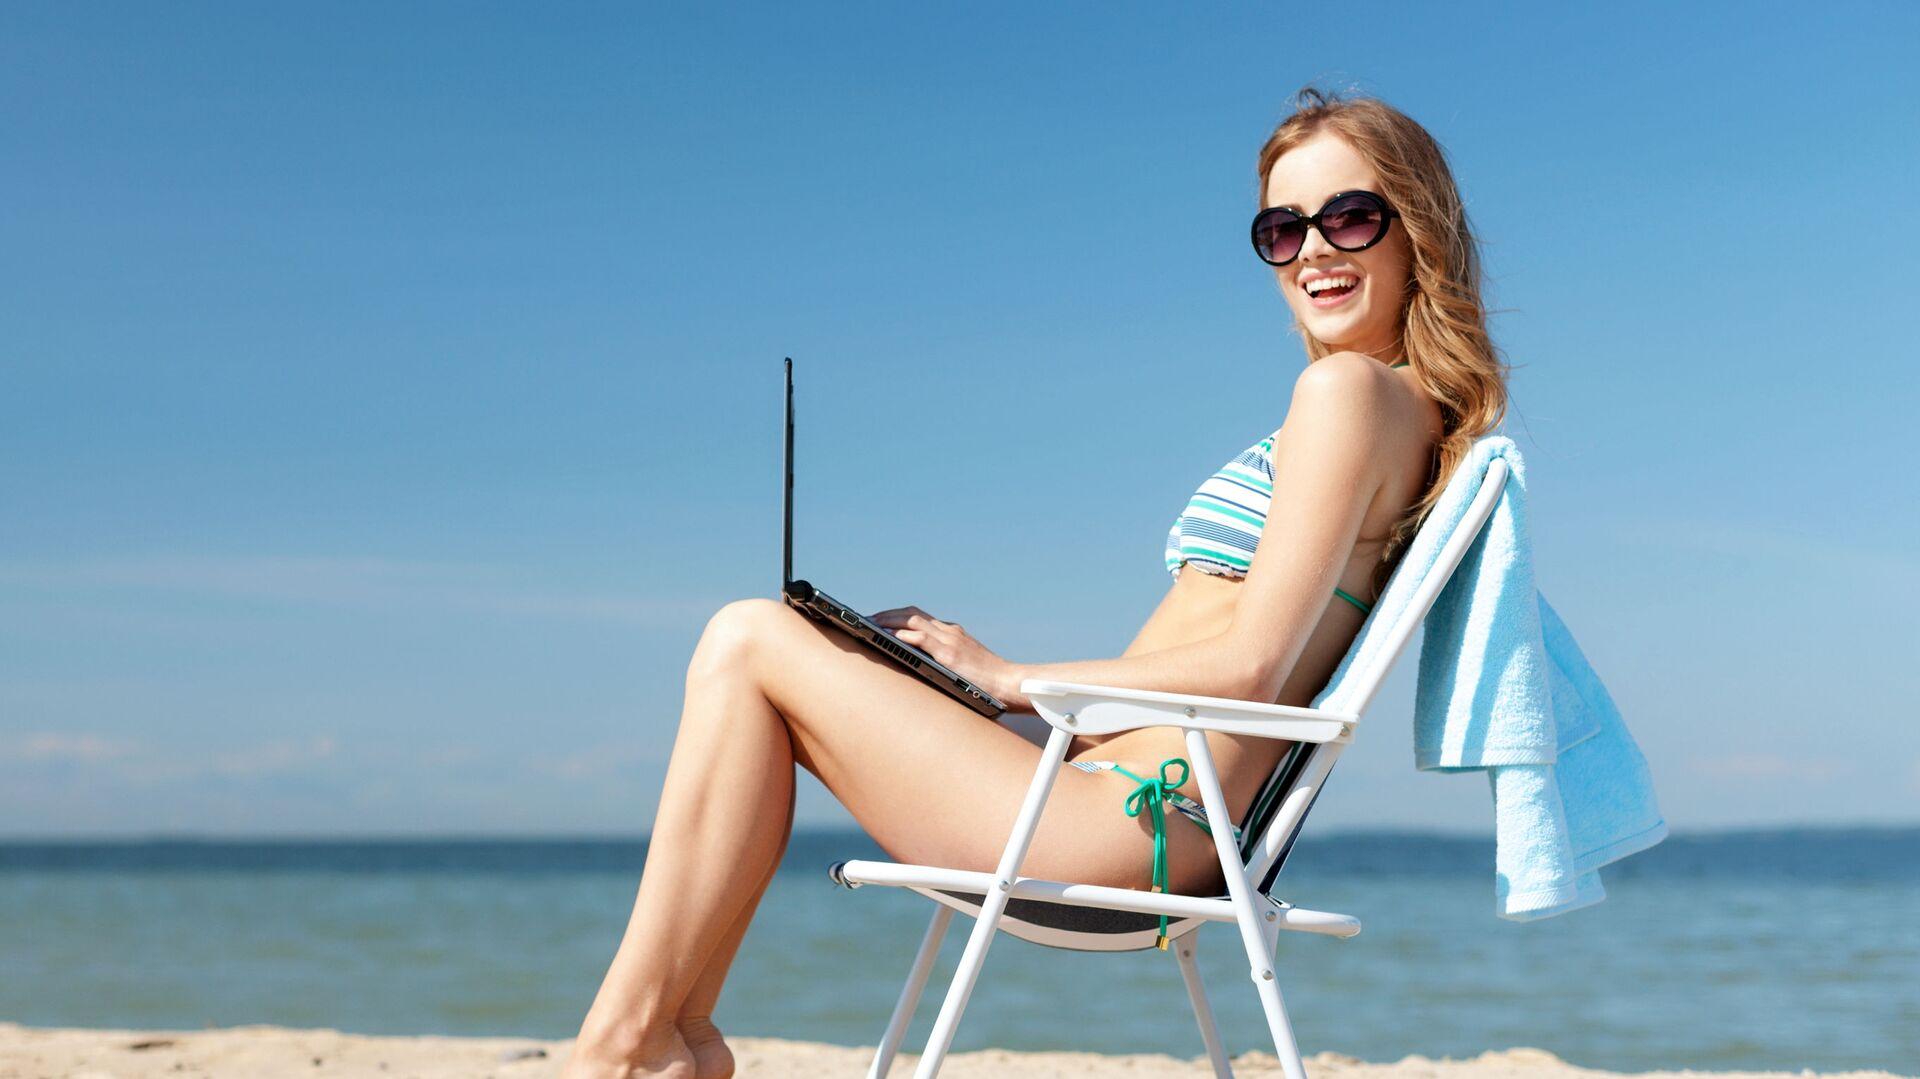 Девушка с ноутбуком на пляже - РИА Новости, 1920, 27.09.2019